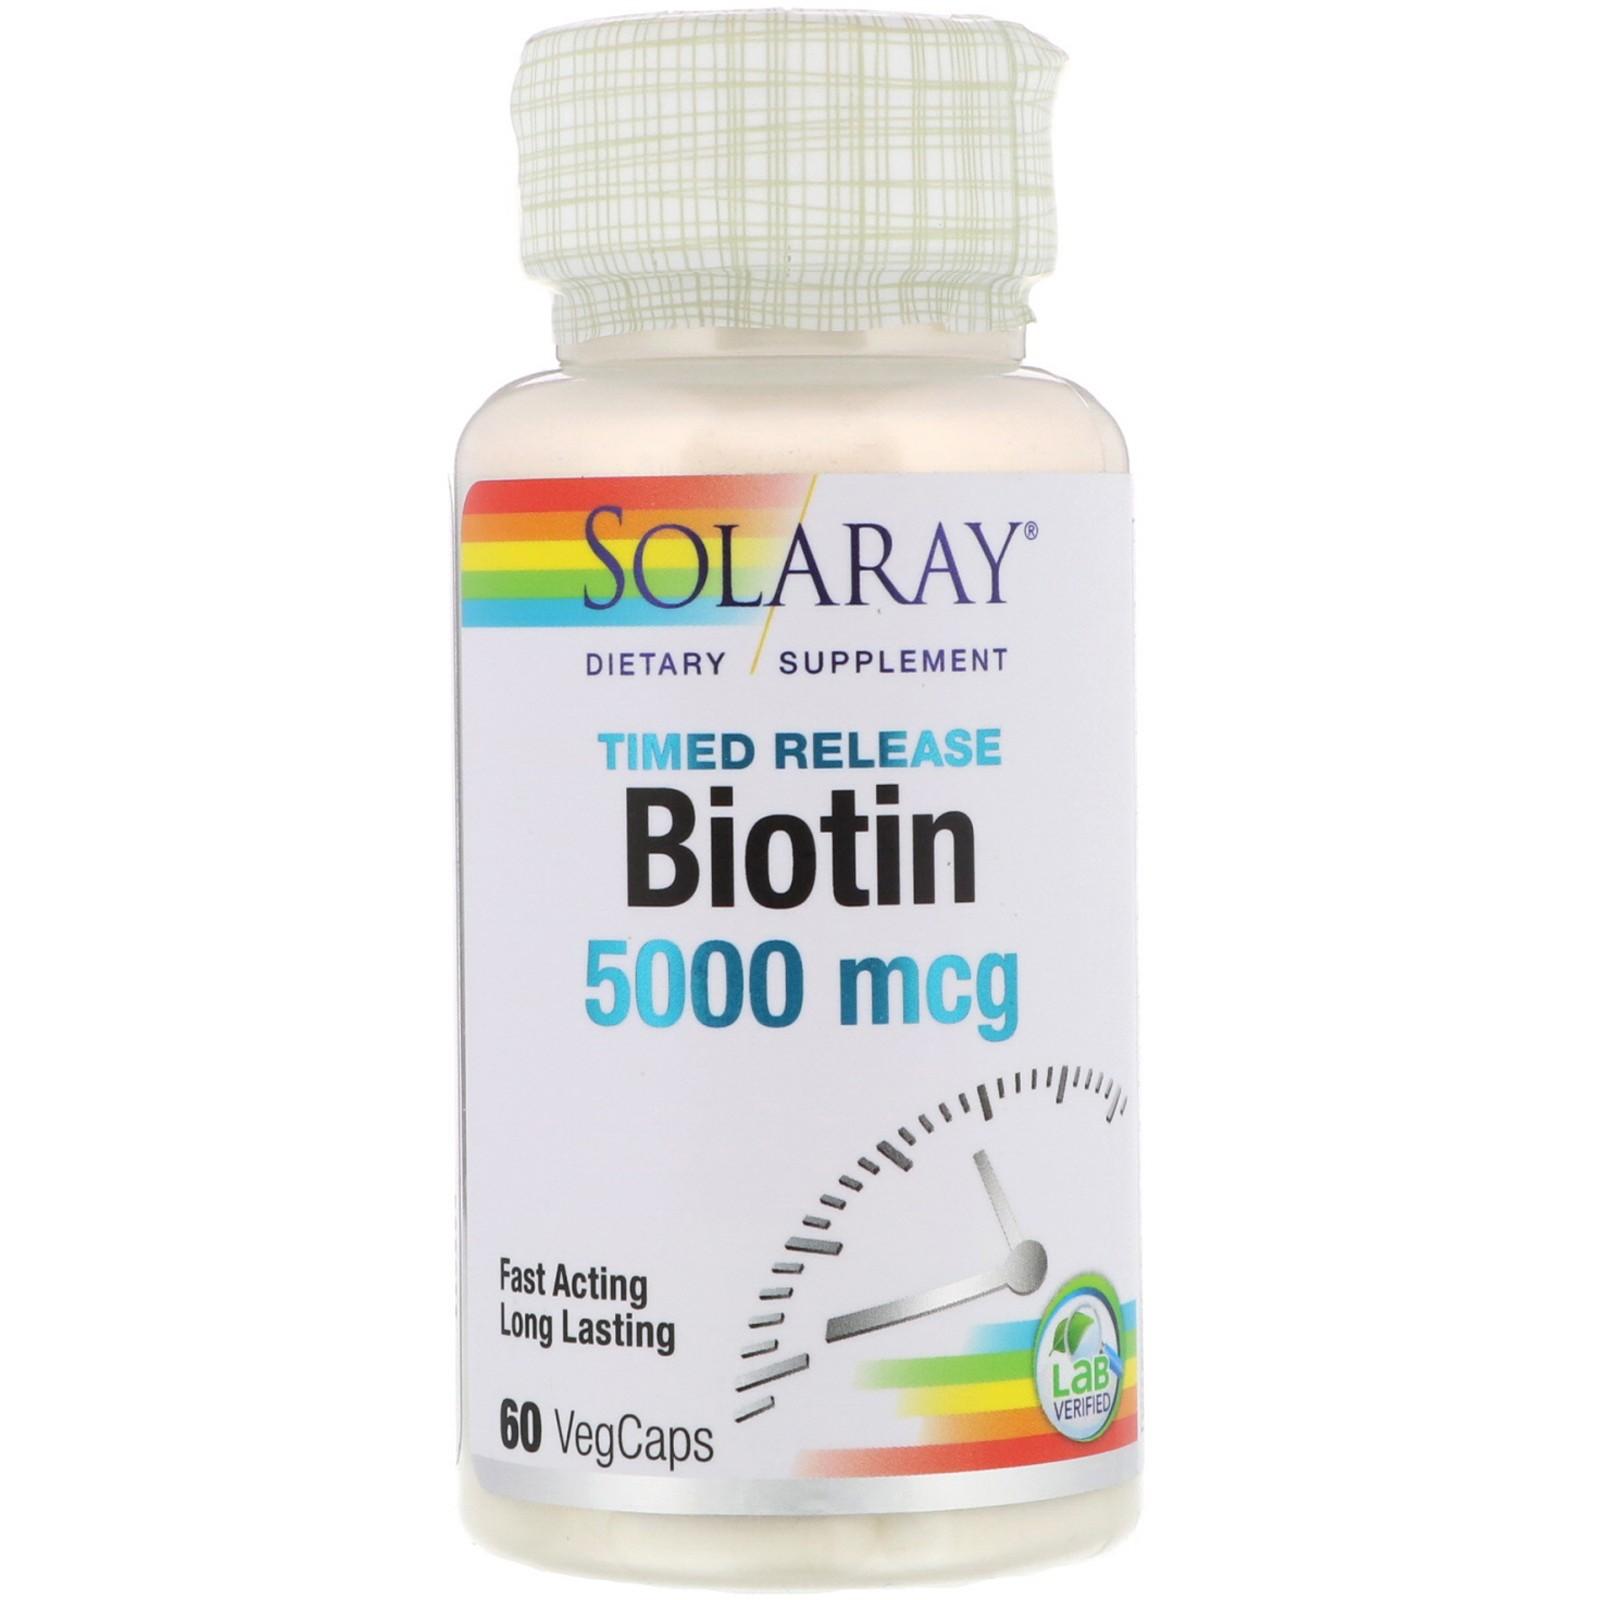 Побочные эффекты при приёме добавок биотина